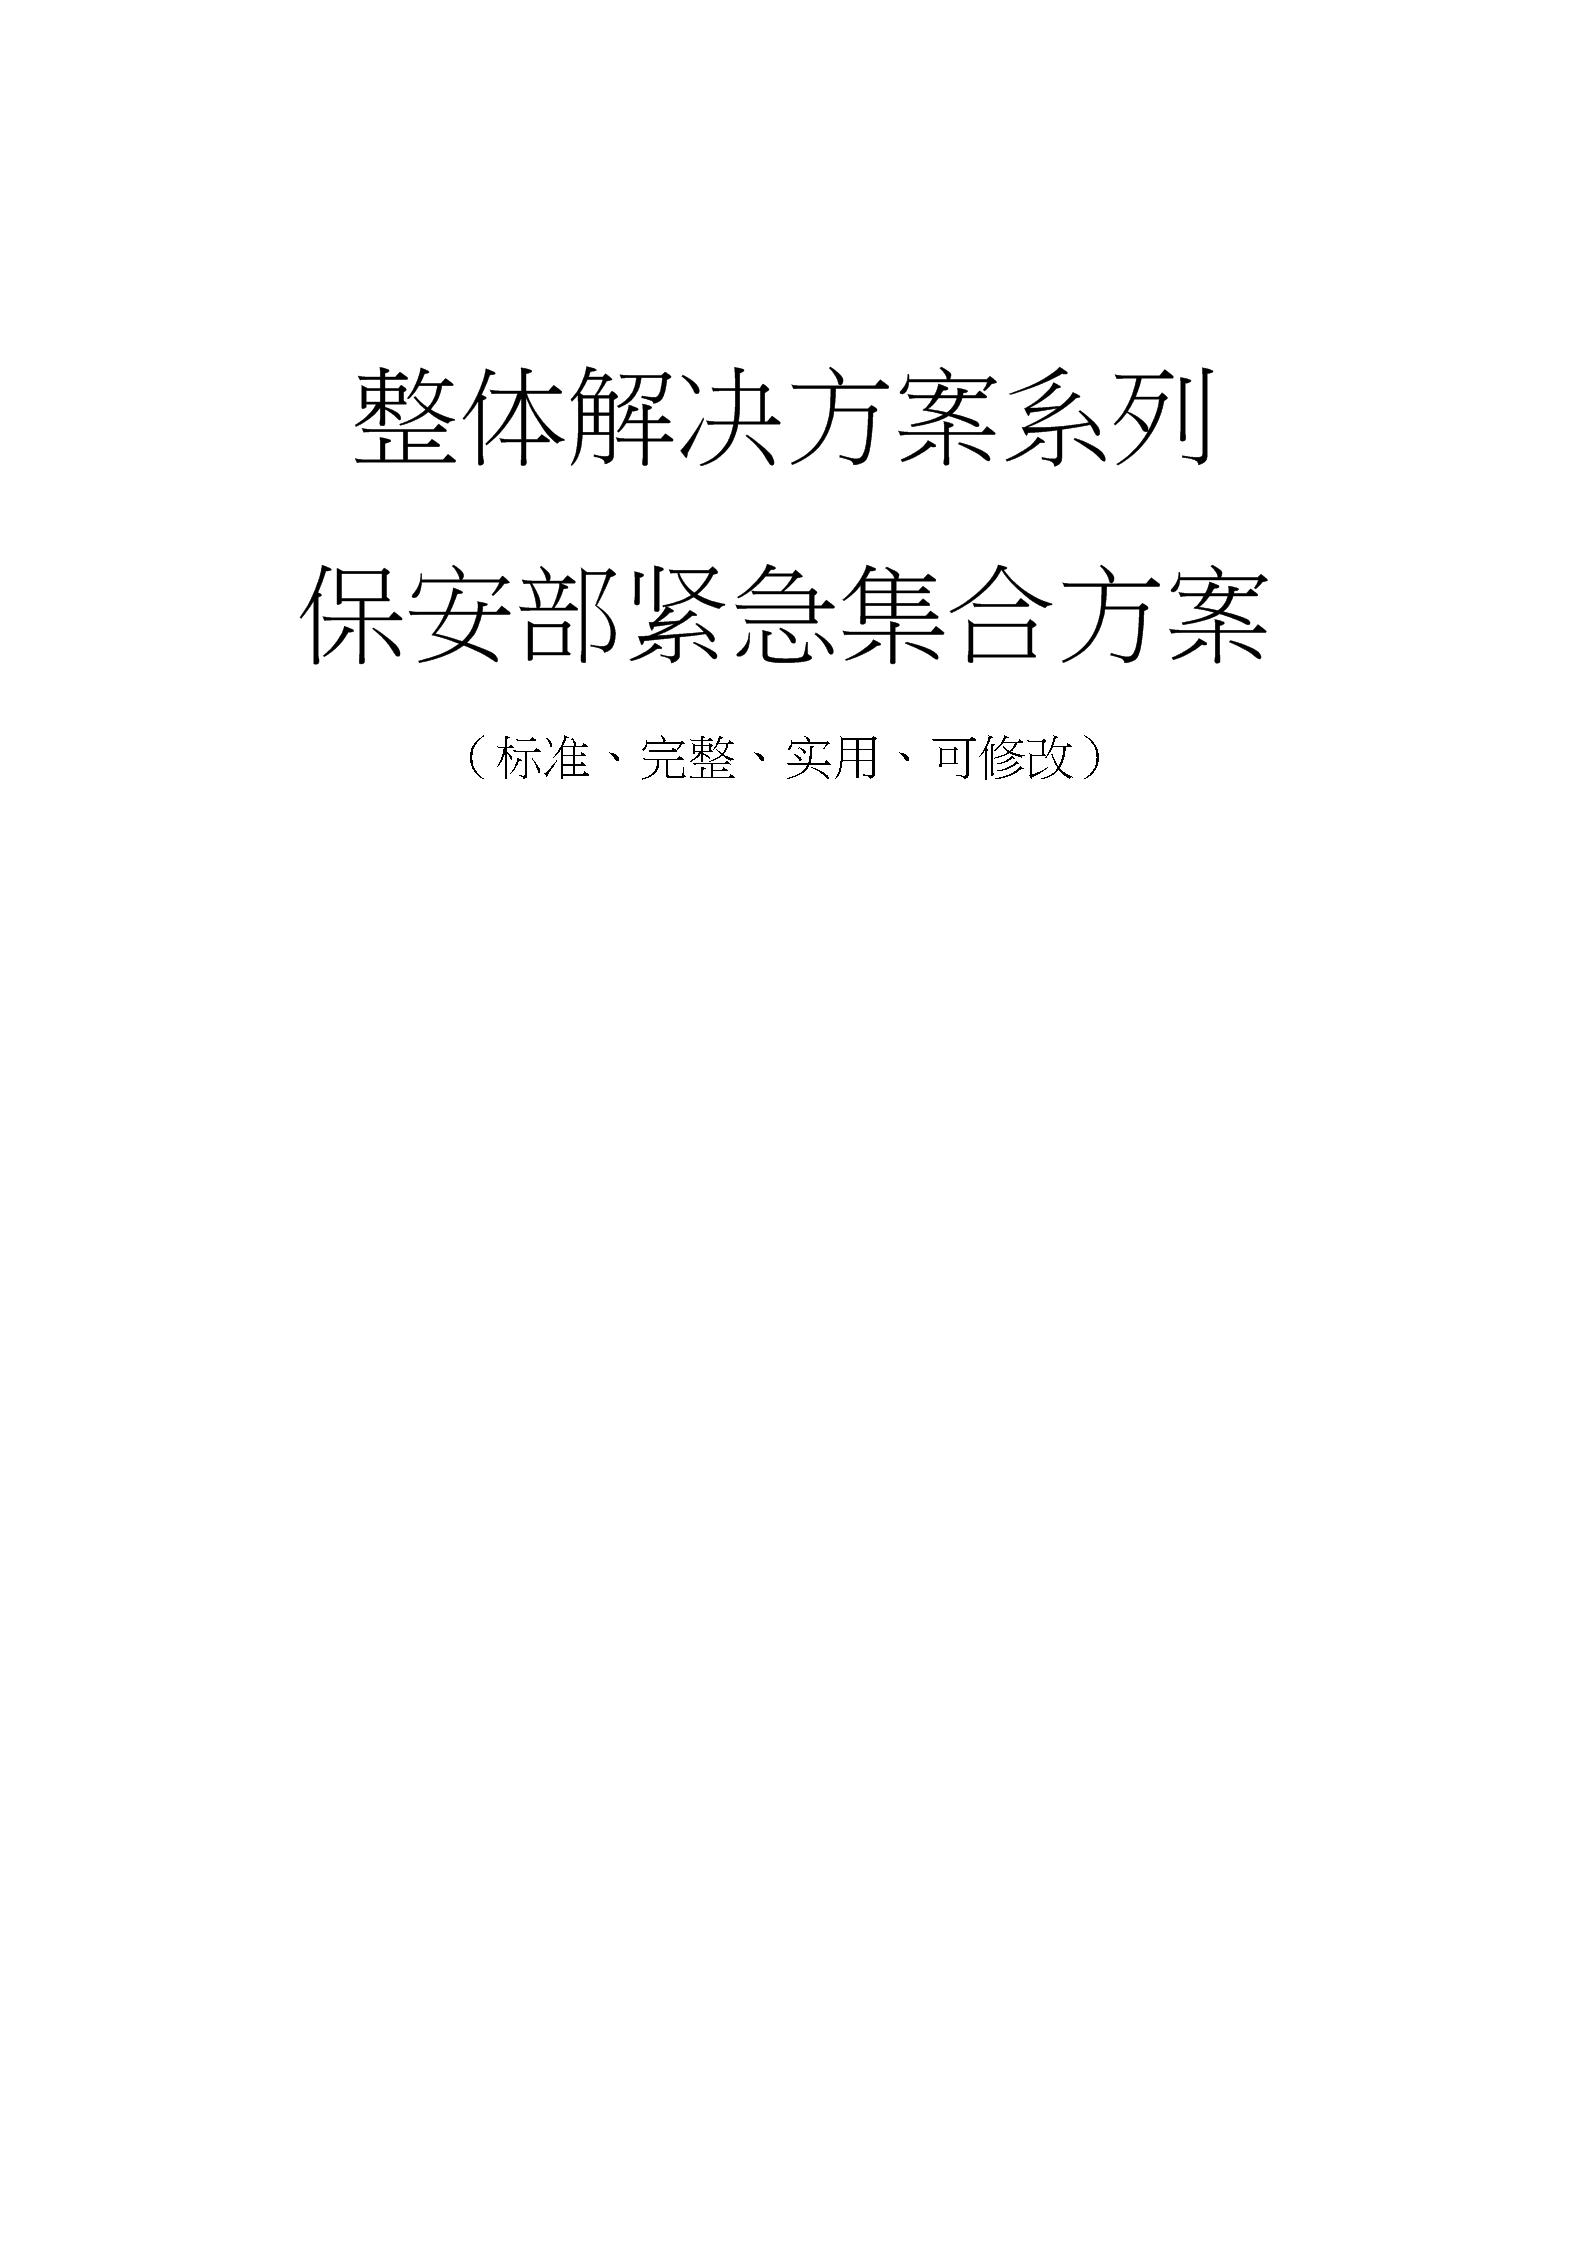 保安部紧急集合方案.docx